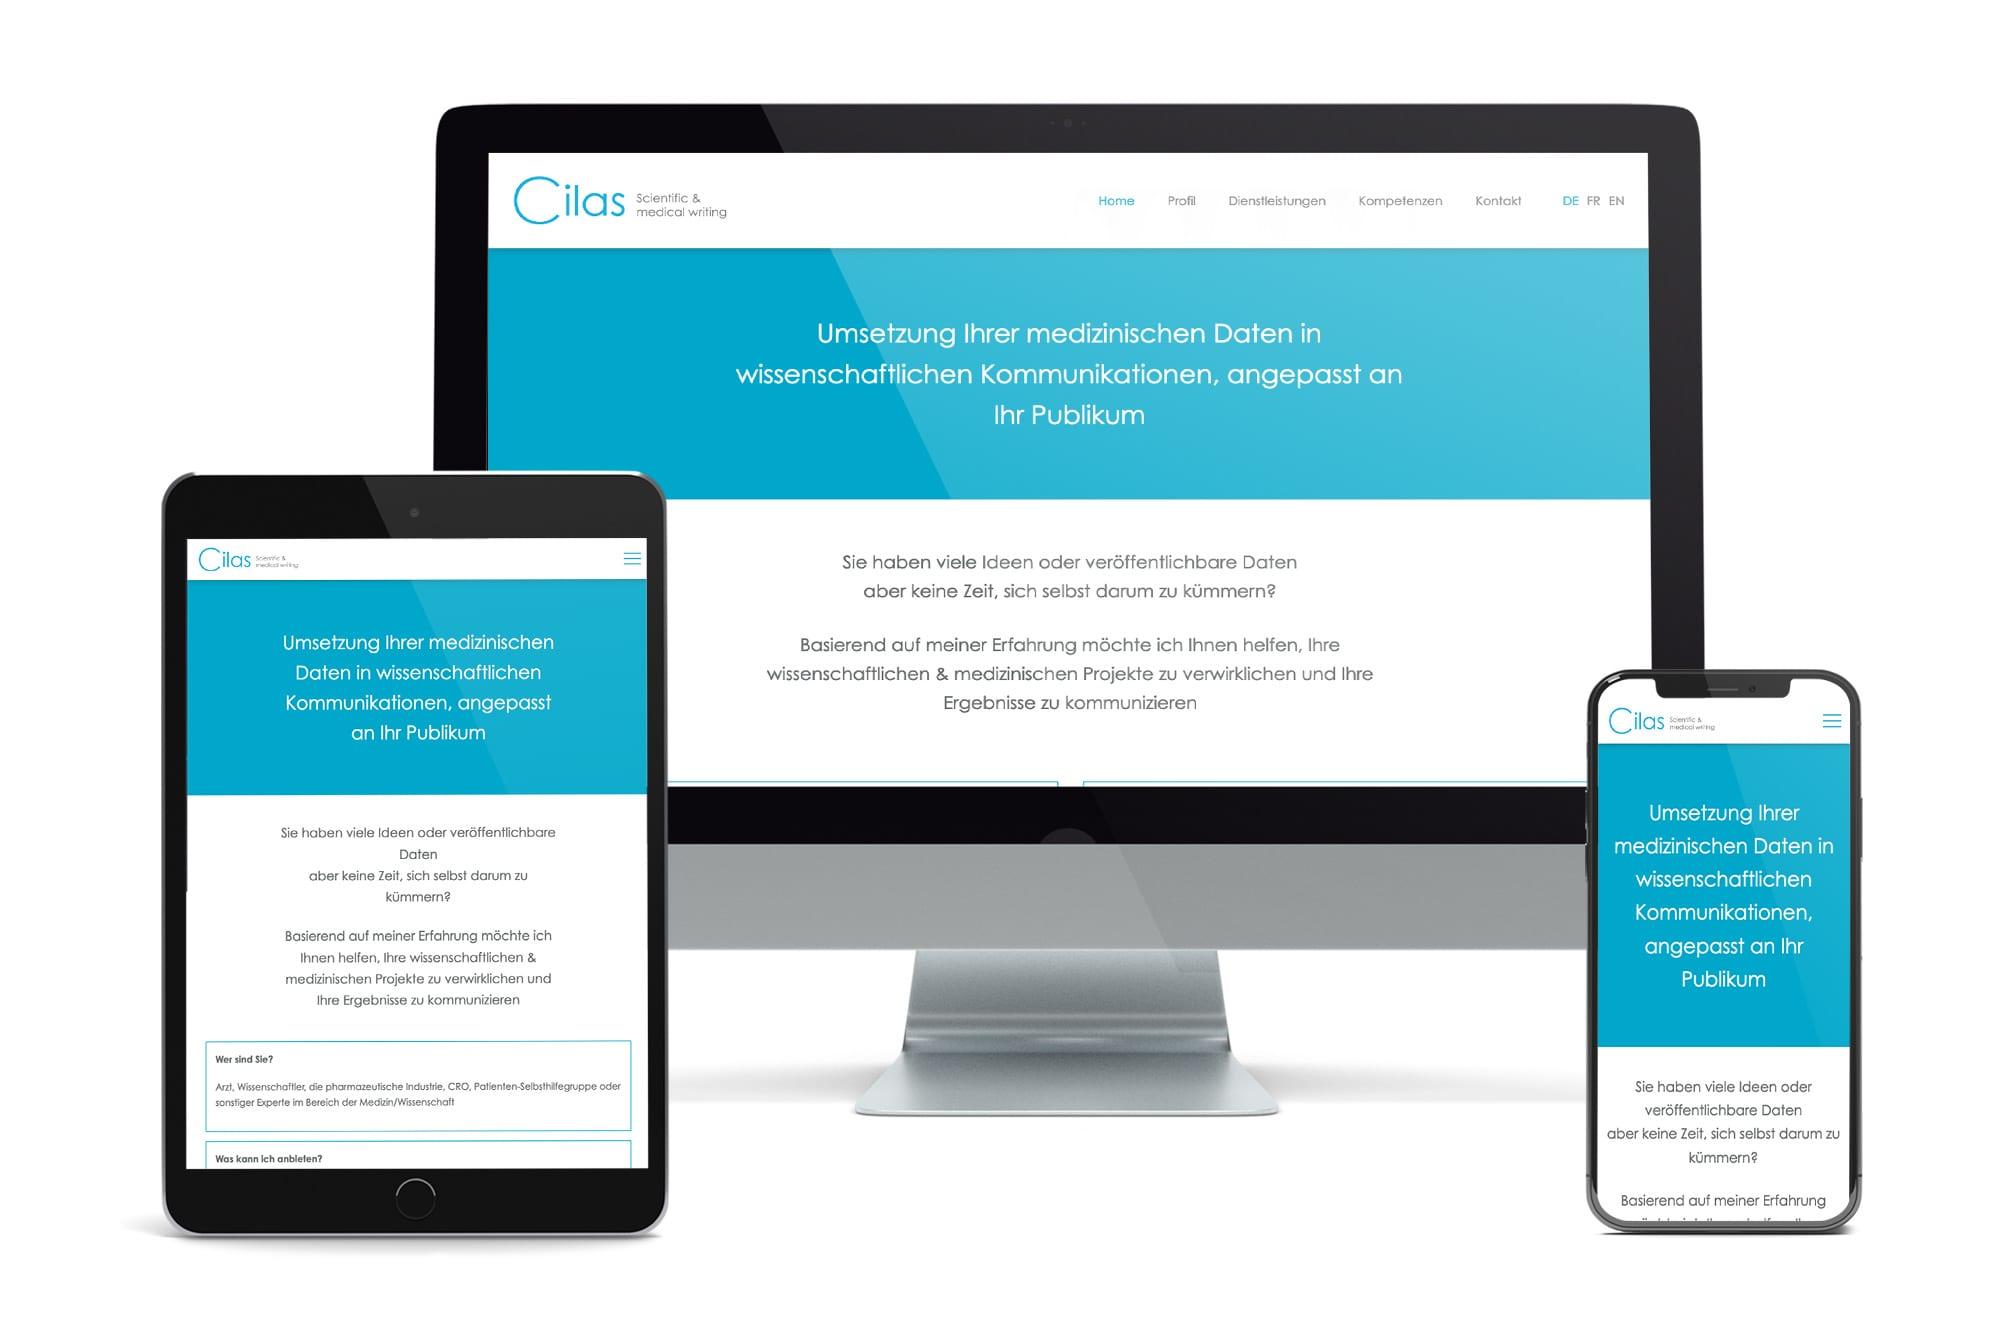 Webdesign Beispiel: Neue Website für Scientific & medical writing